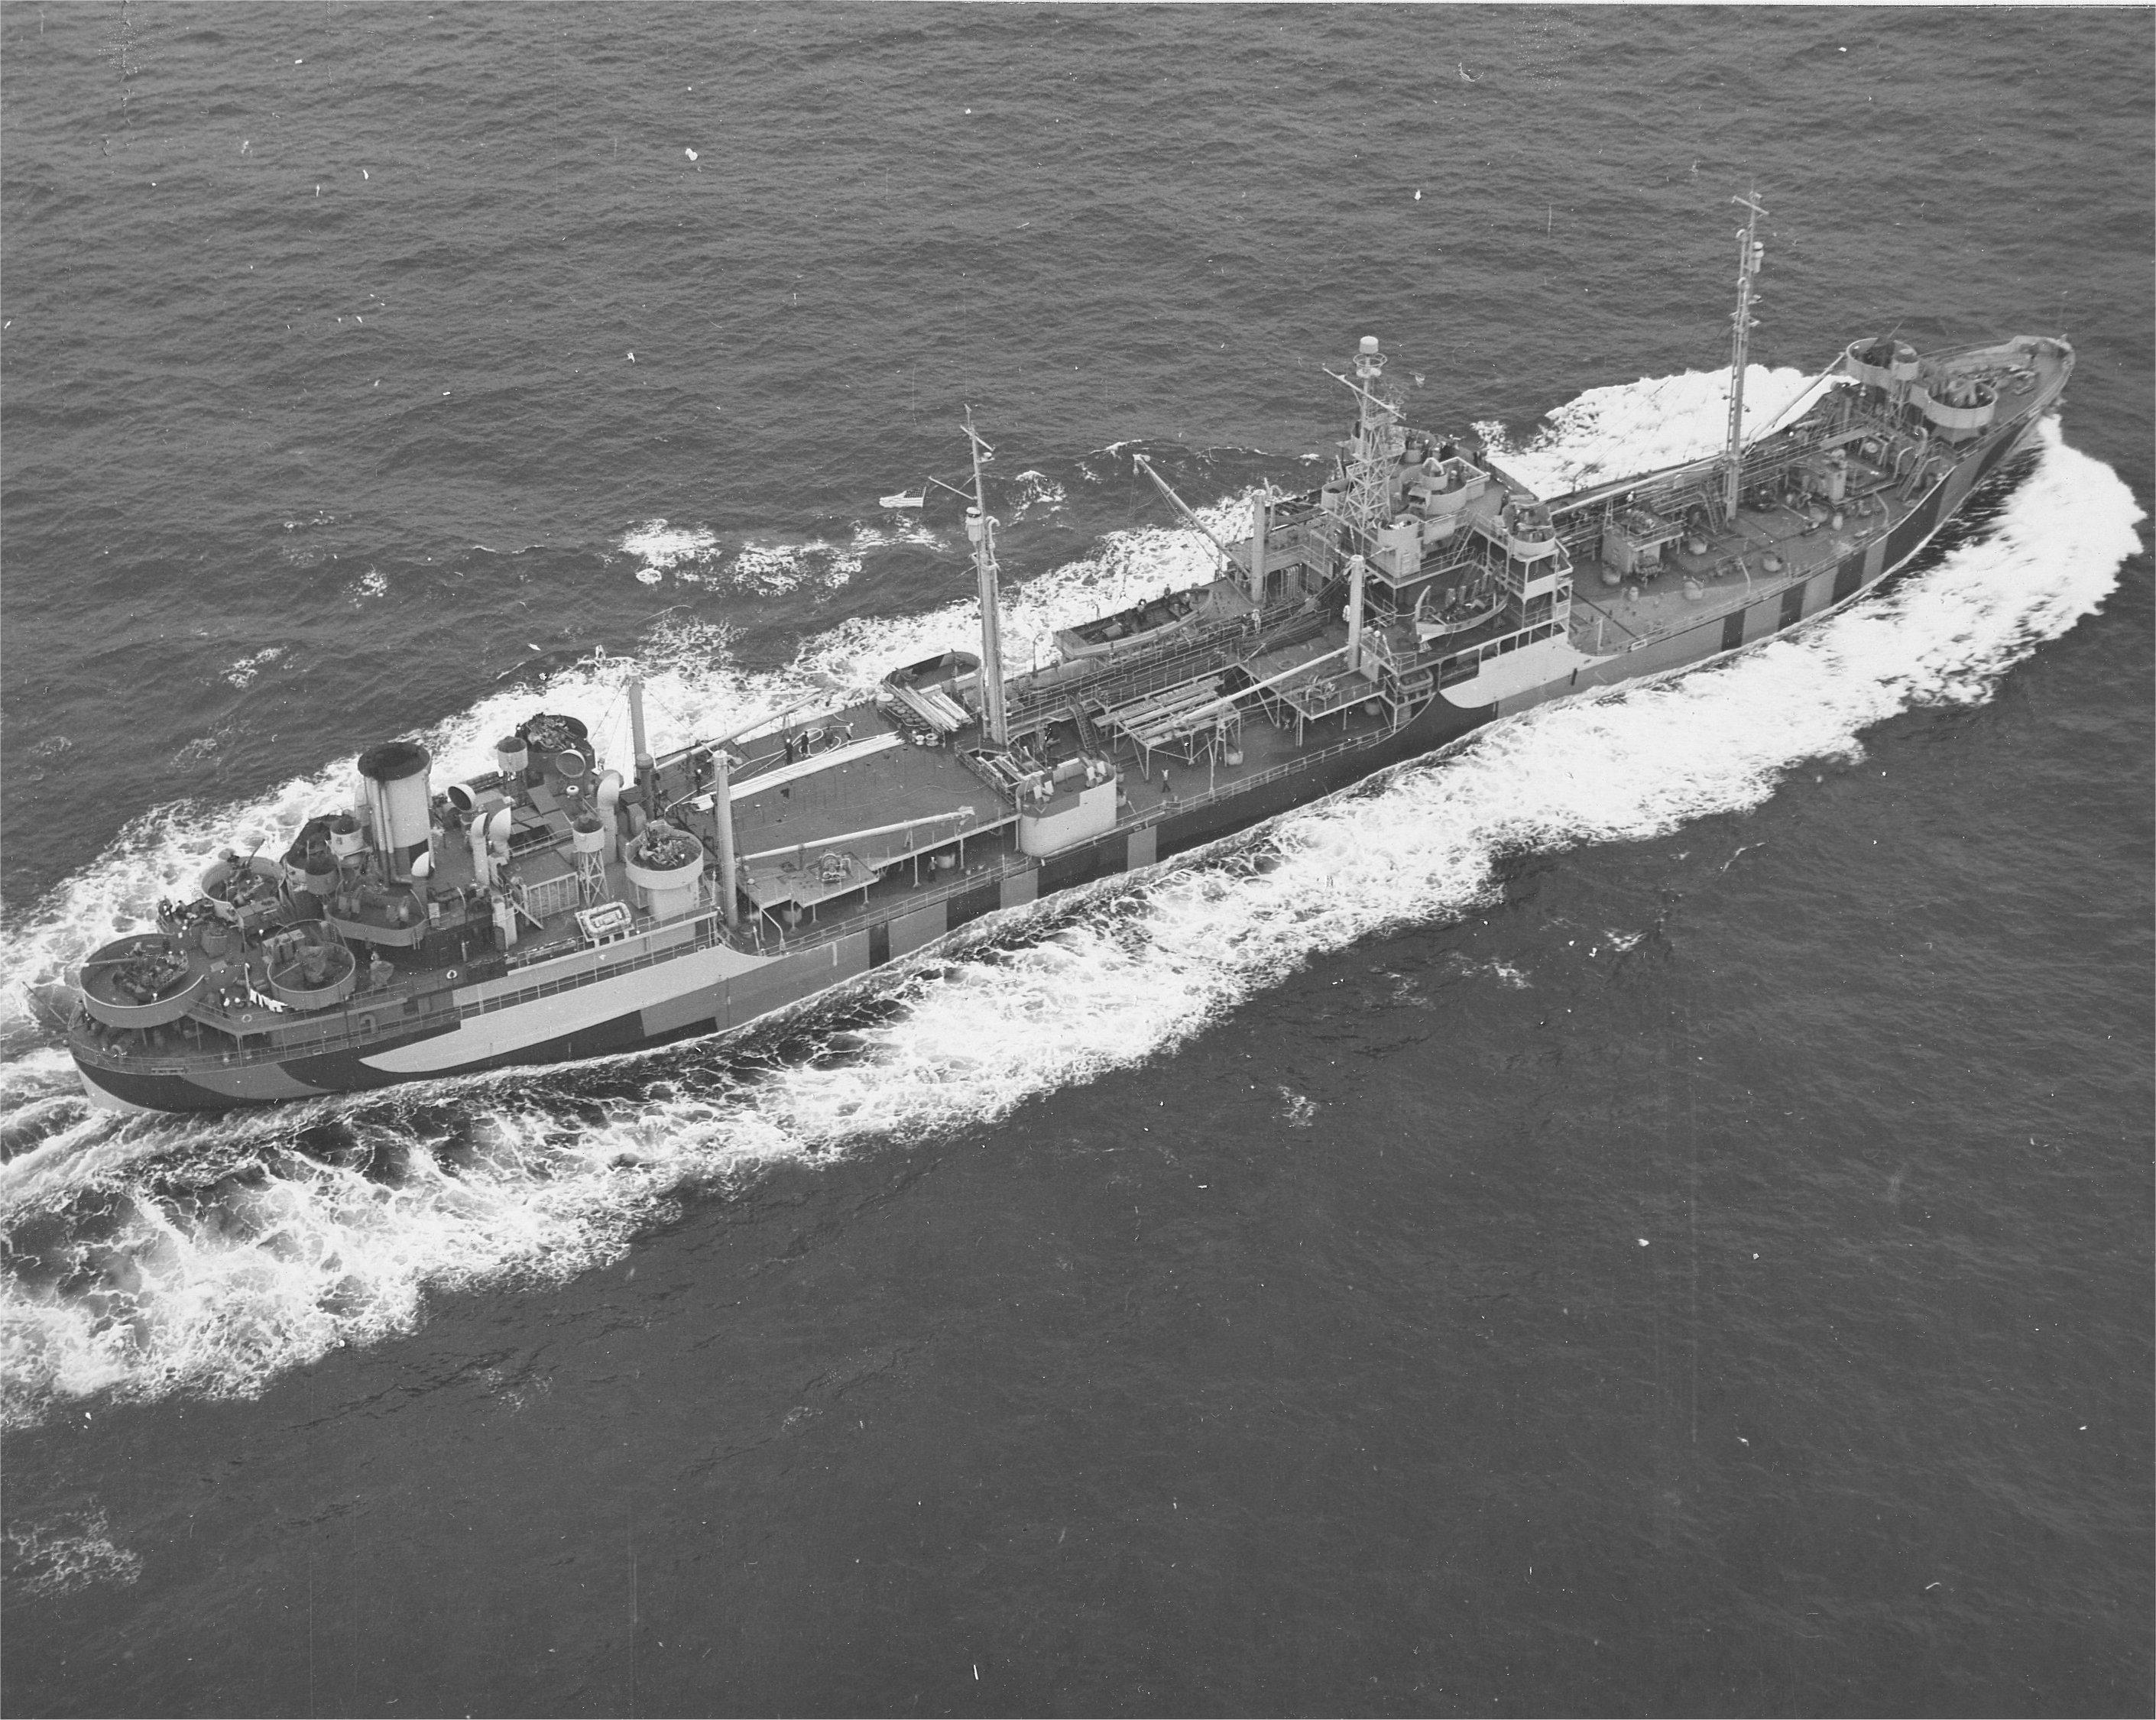 Pétrolier T2, USS Pamanset (AO-85) 1943, Impression 3D & Scratch au 1/200 - Page 14 USS_Sebec_%28AO-87%29